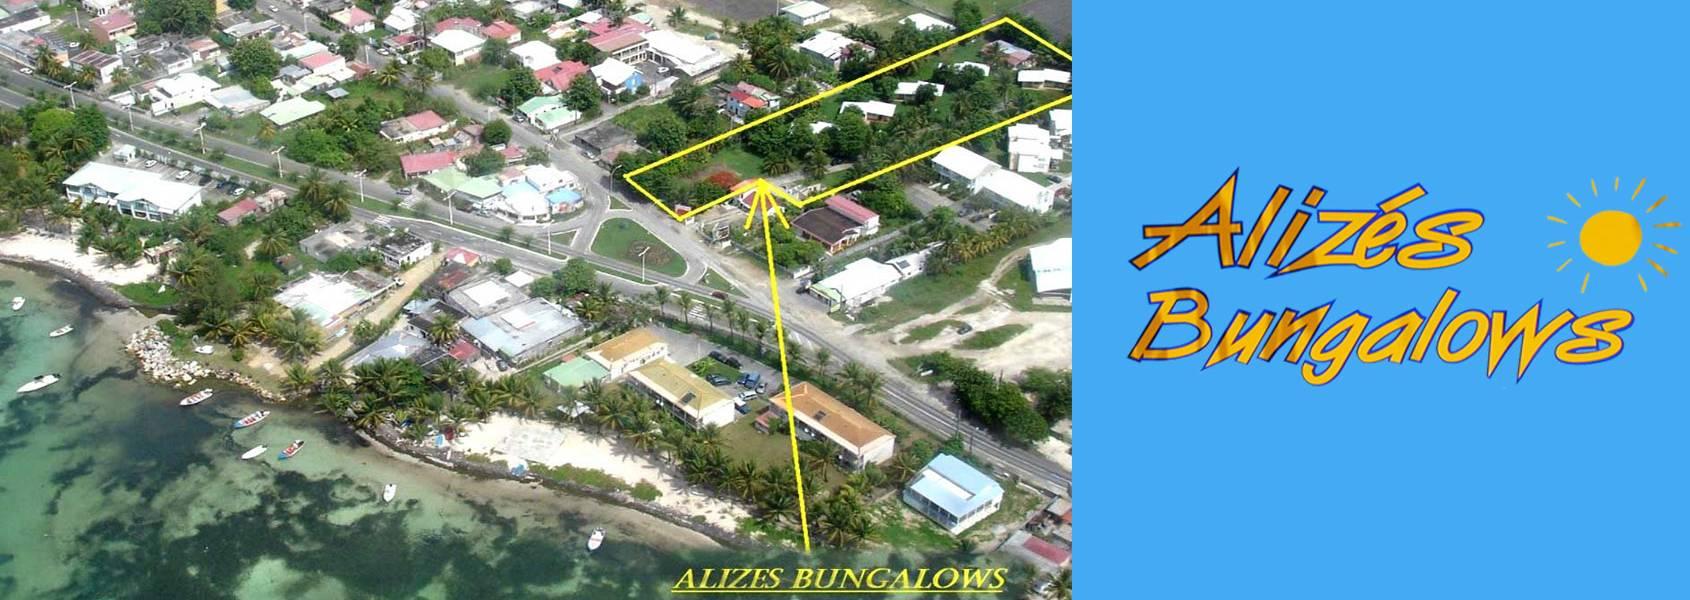 alizes-bungalows